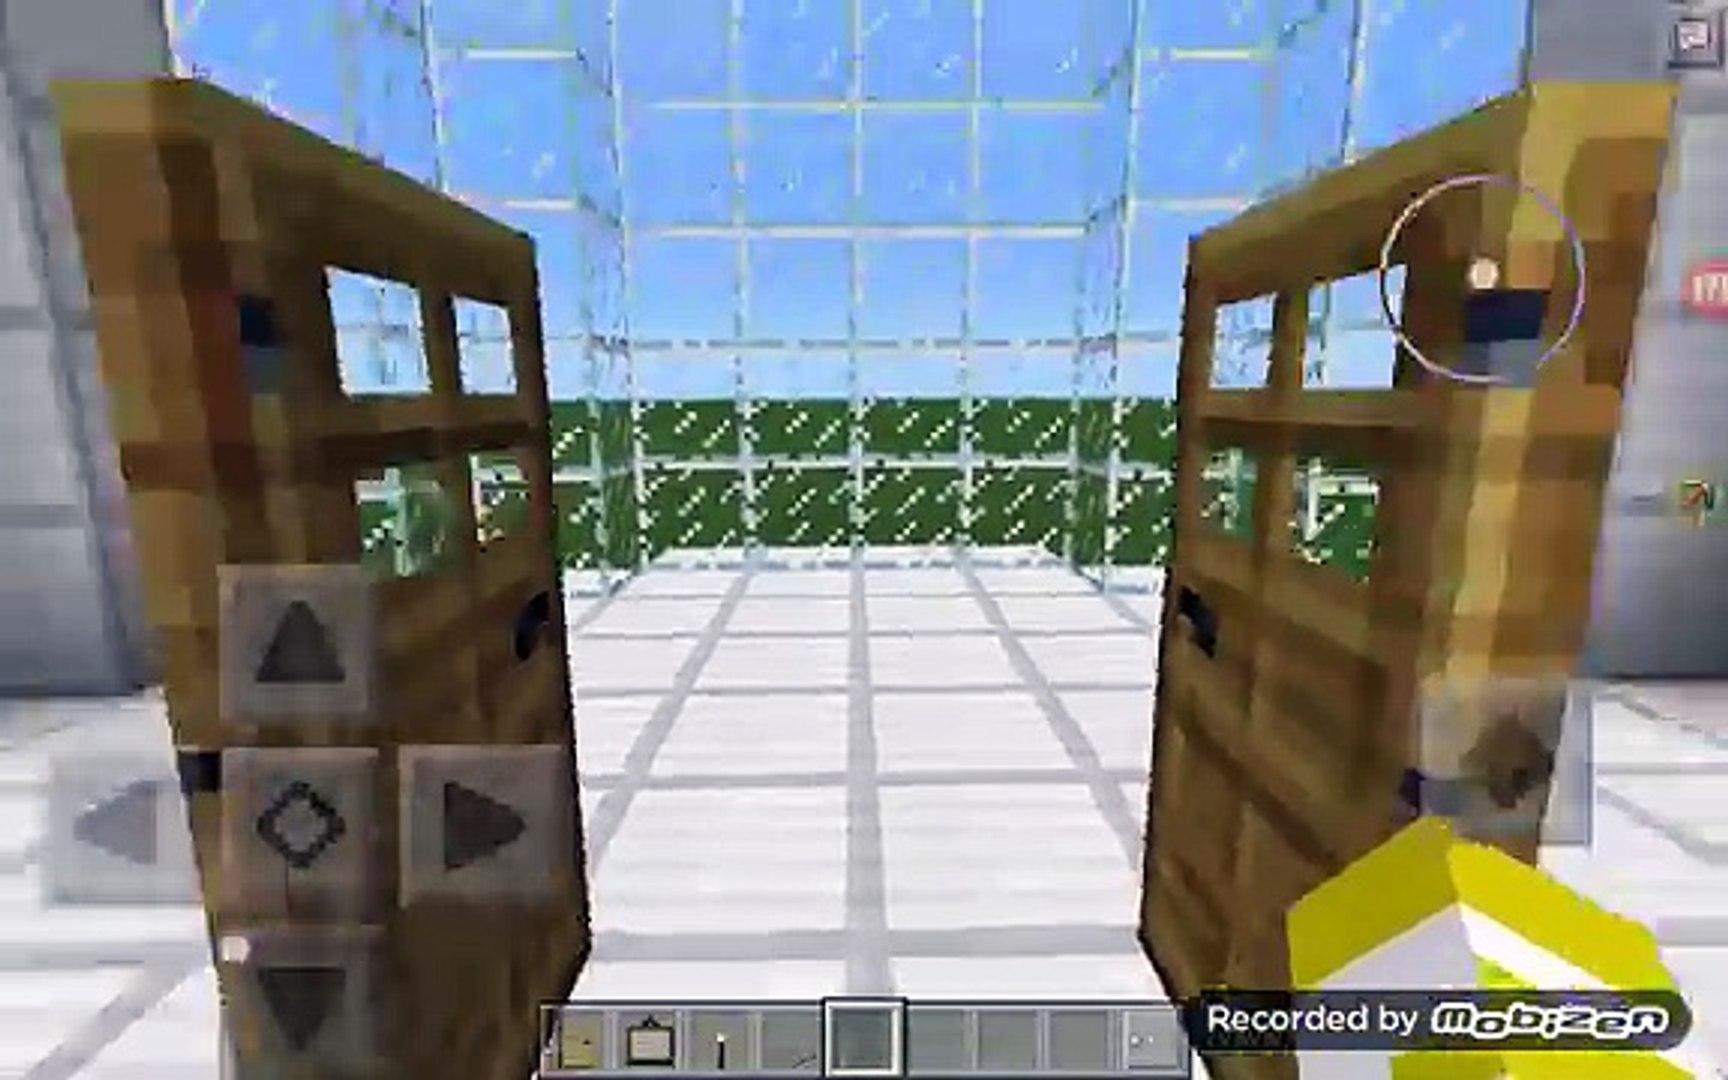 2 Crazy Glitches In Minecraft